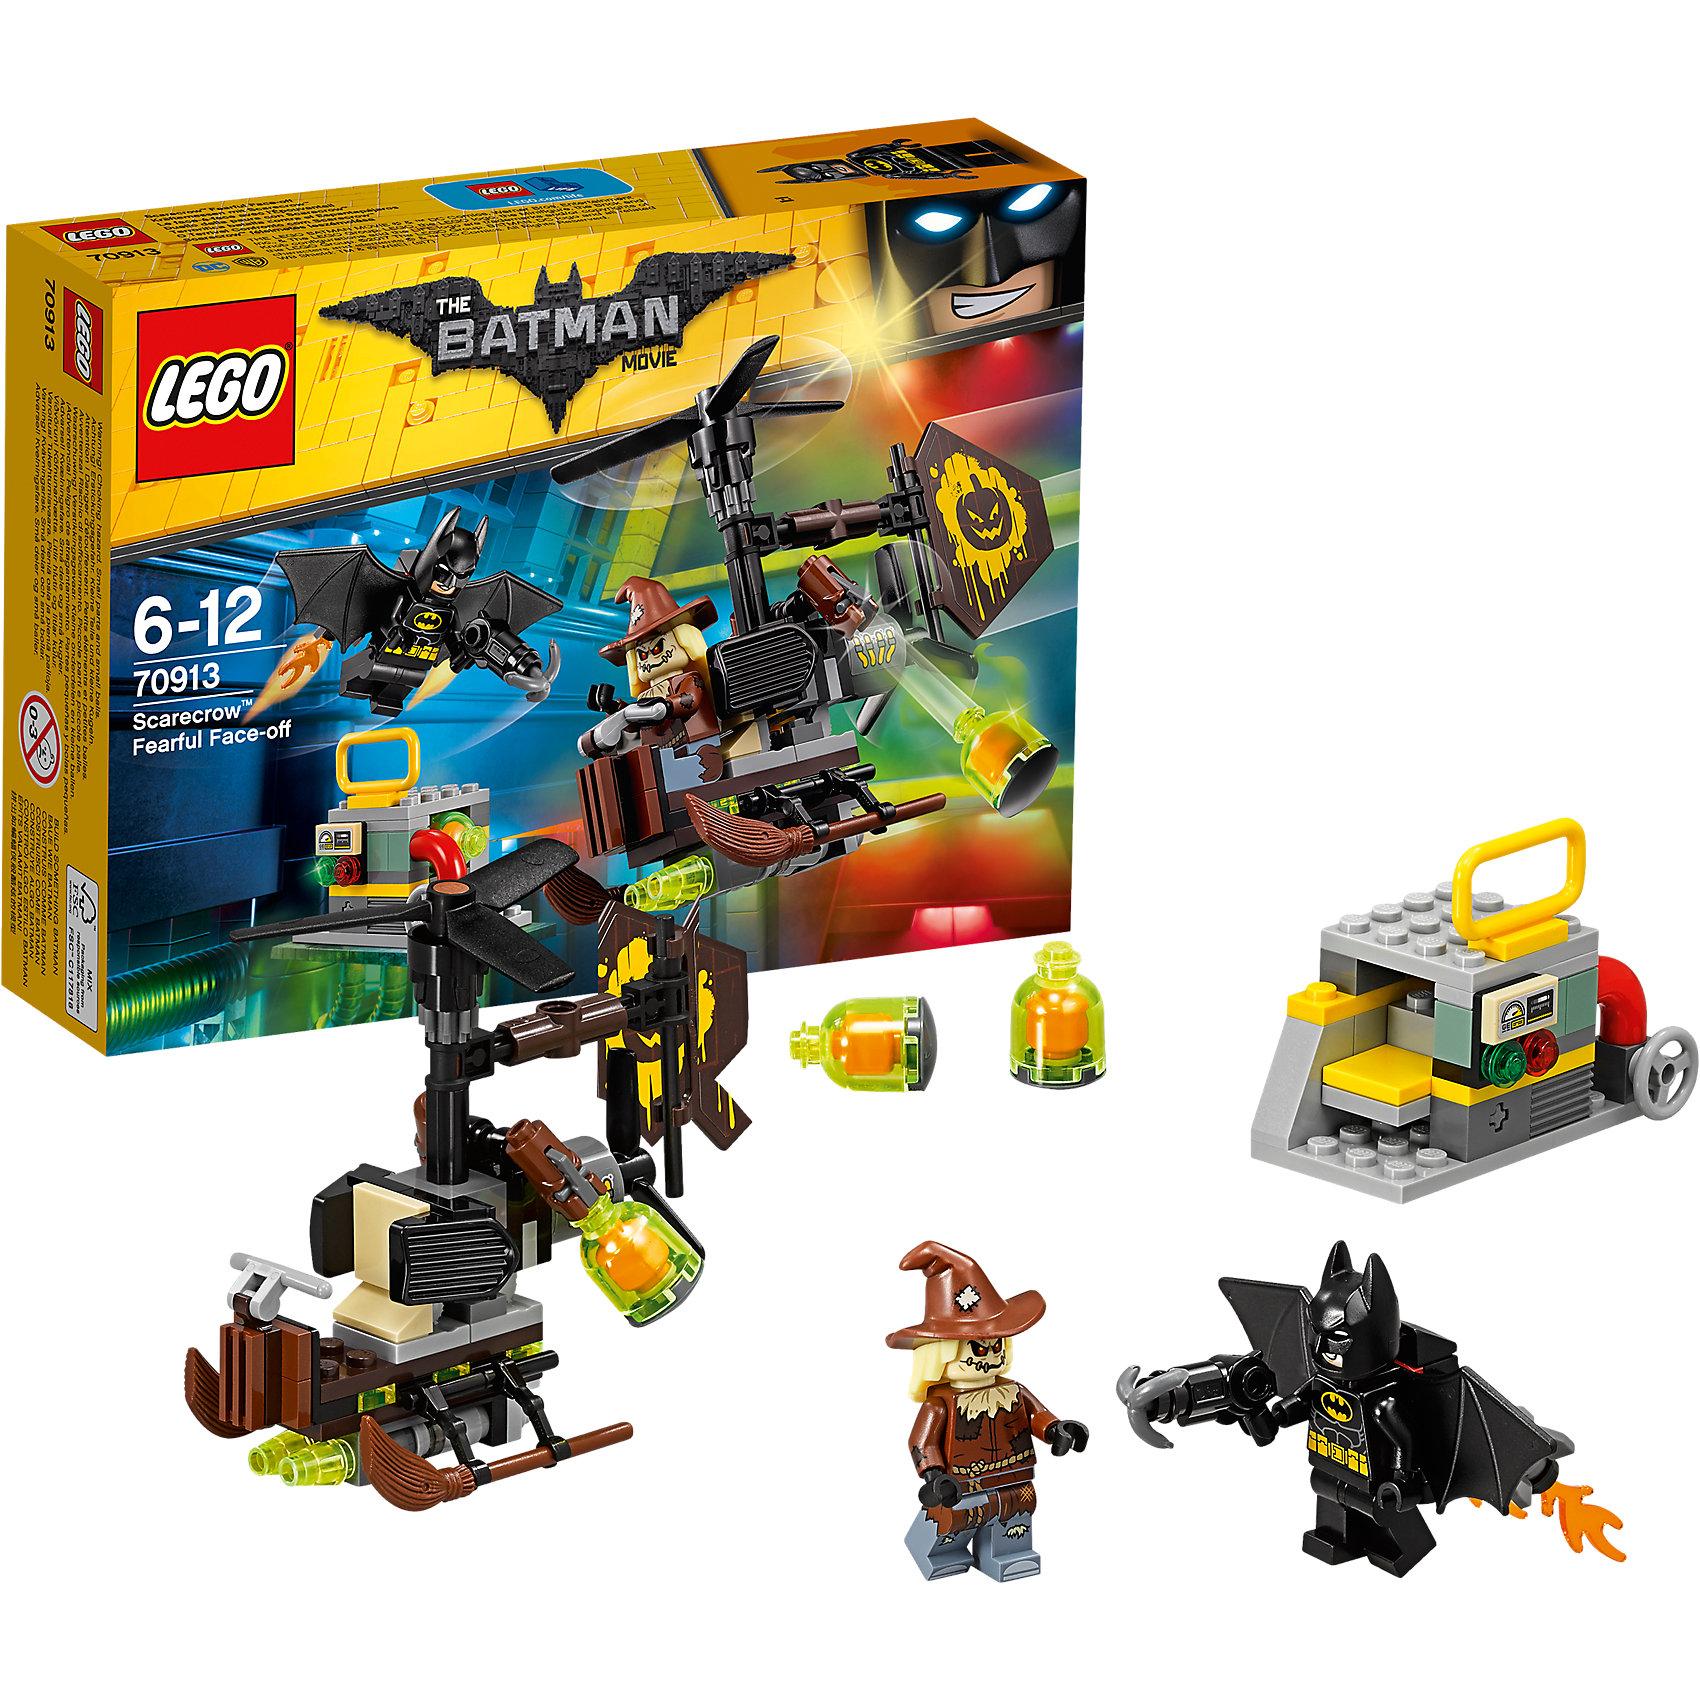 LEGO Batman Movie 70913: Схватка с ПугаломПластмассовые конструкторы<br><br><br>Ширина мм: 194<br>Глубина мм: 139<br>Высота мм: 48<br>Вес г: 164<br>Возраст от месяцев: 72<br>Возраст до месяцев: 144<br>Пол: Мужской<br>Возраст: Детский<br>SKU: 5620009